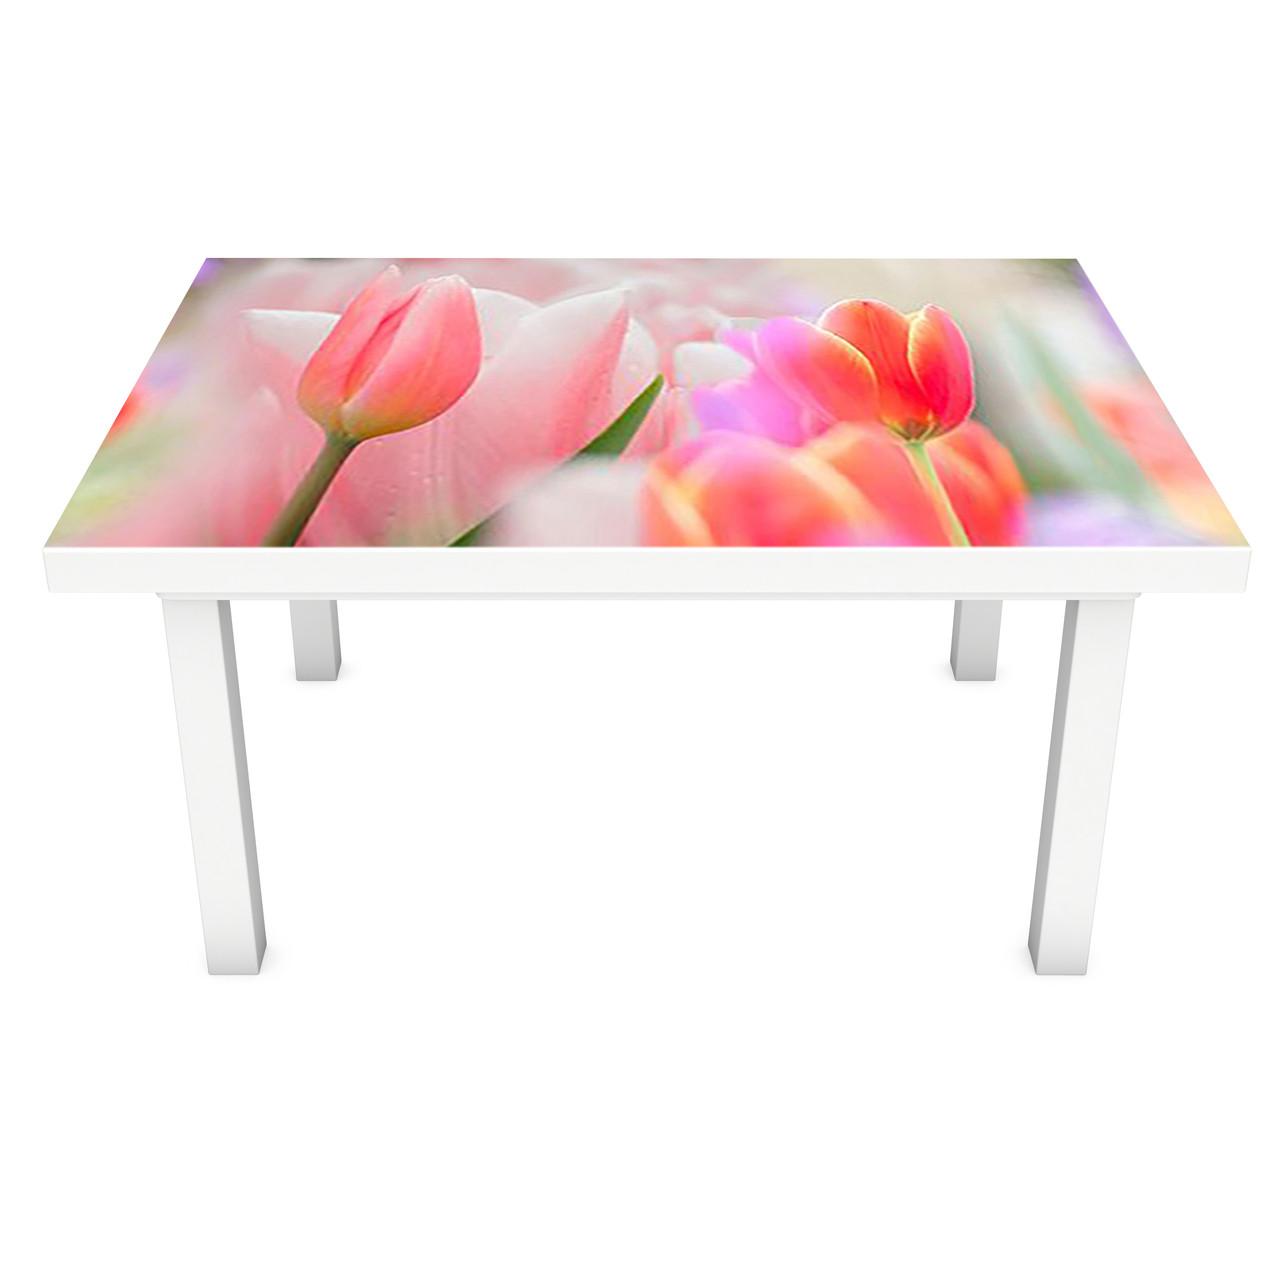 Наклейка на стіл вінілова Рожеві Тюльпани ПВХ плівка для меблів інтер'єрна 3D квіти бутони 600*1200 мм